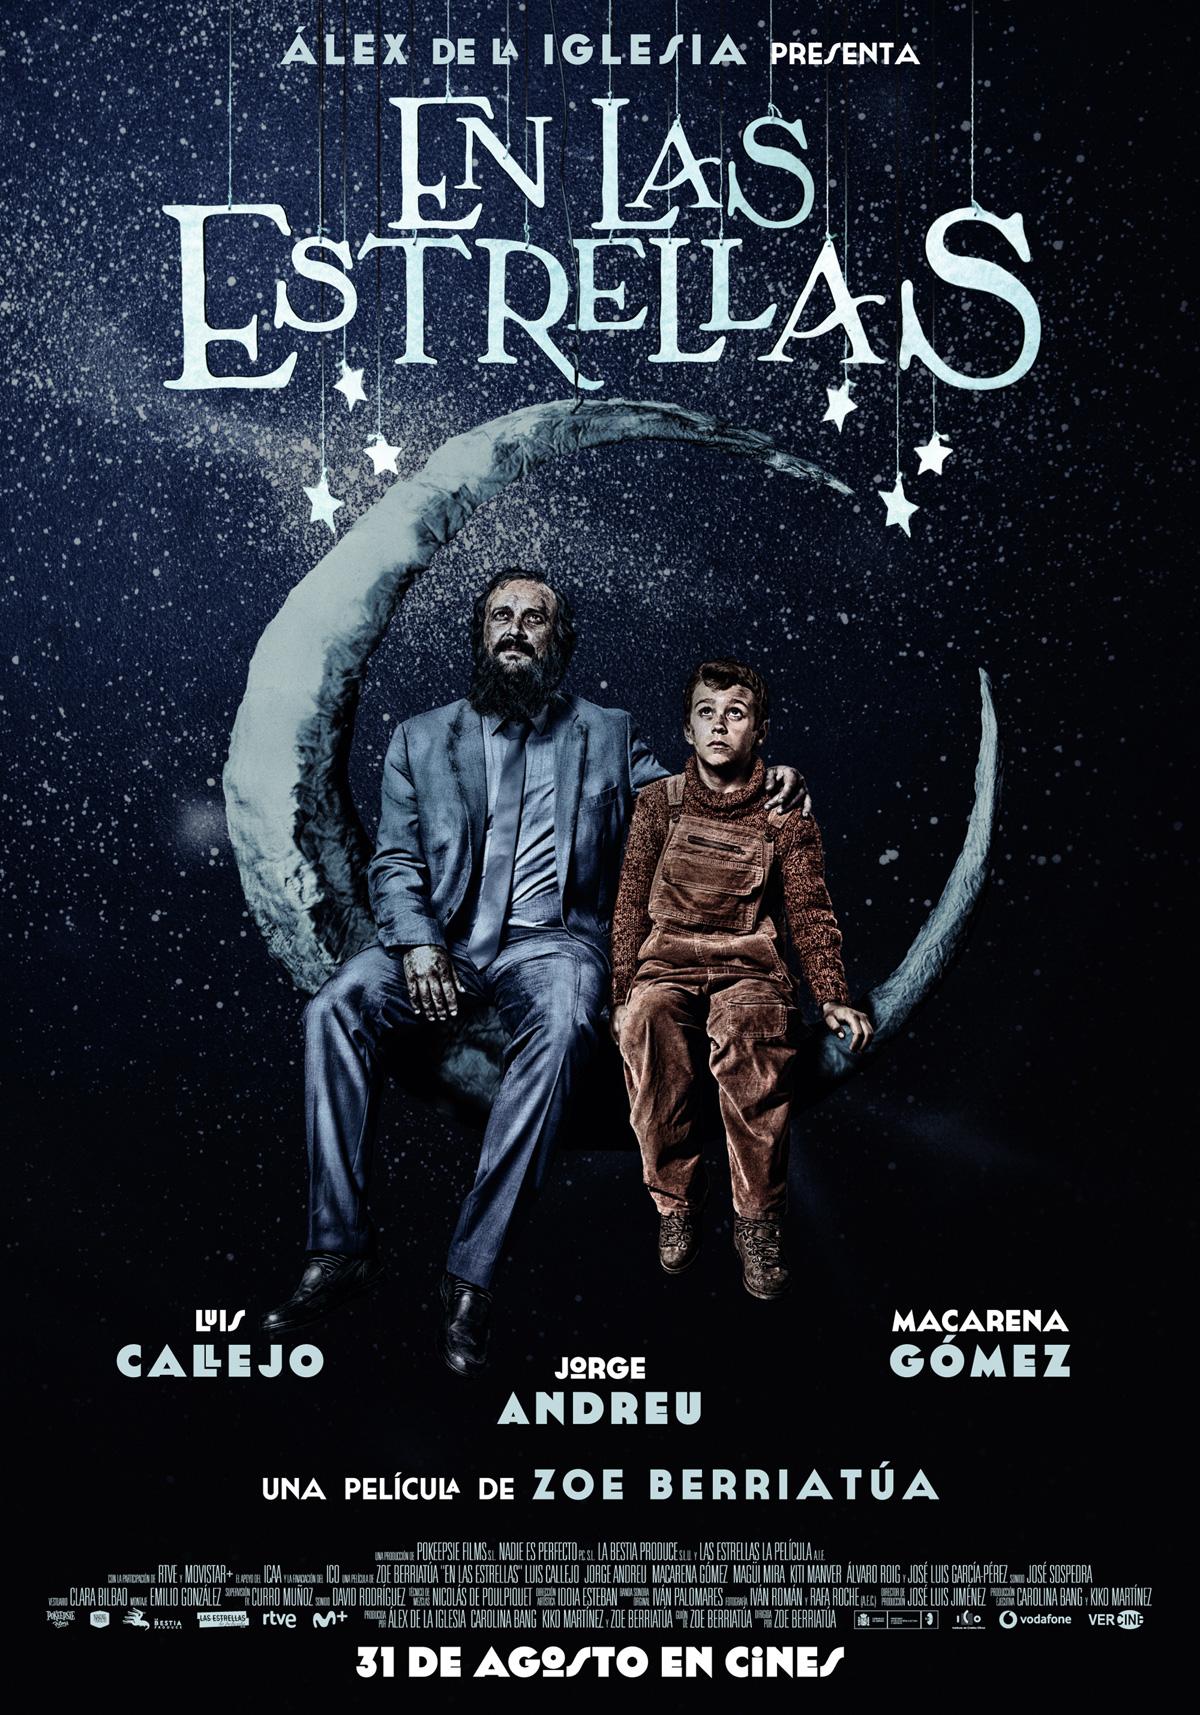 En las estrellas   Les films similaires - AlloCiné 43aec4e5372